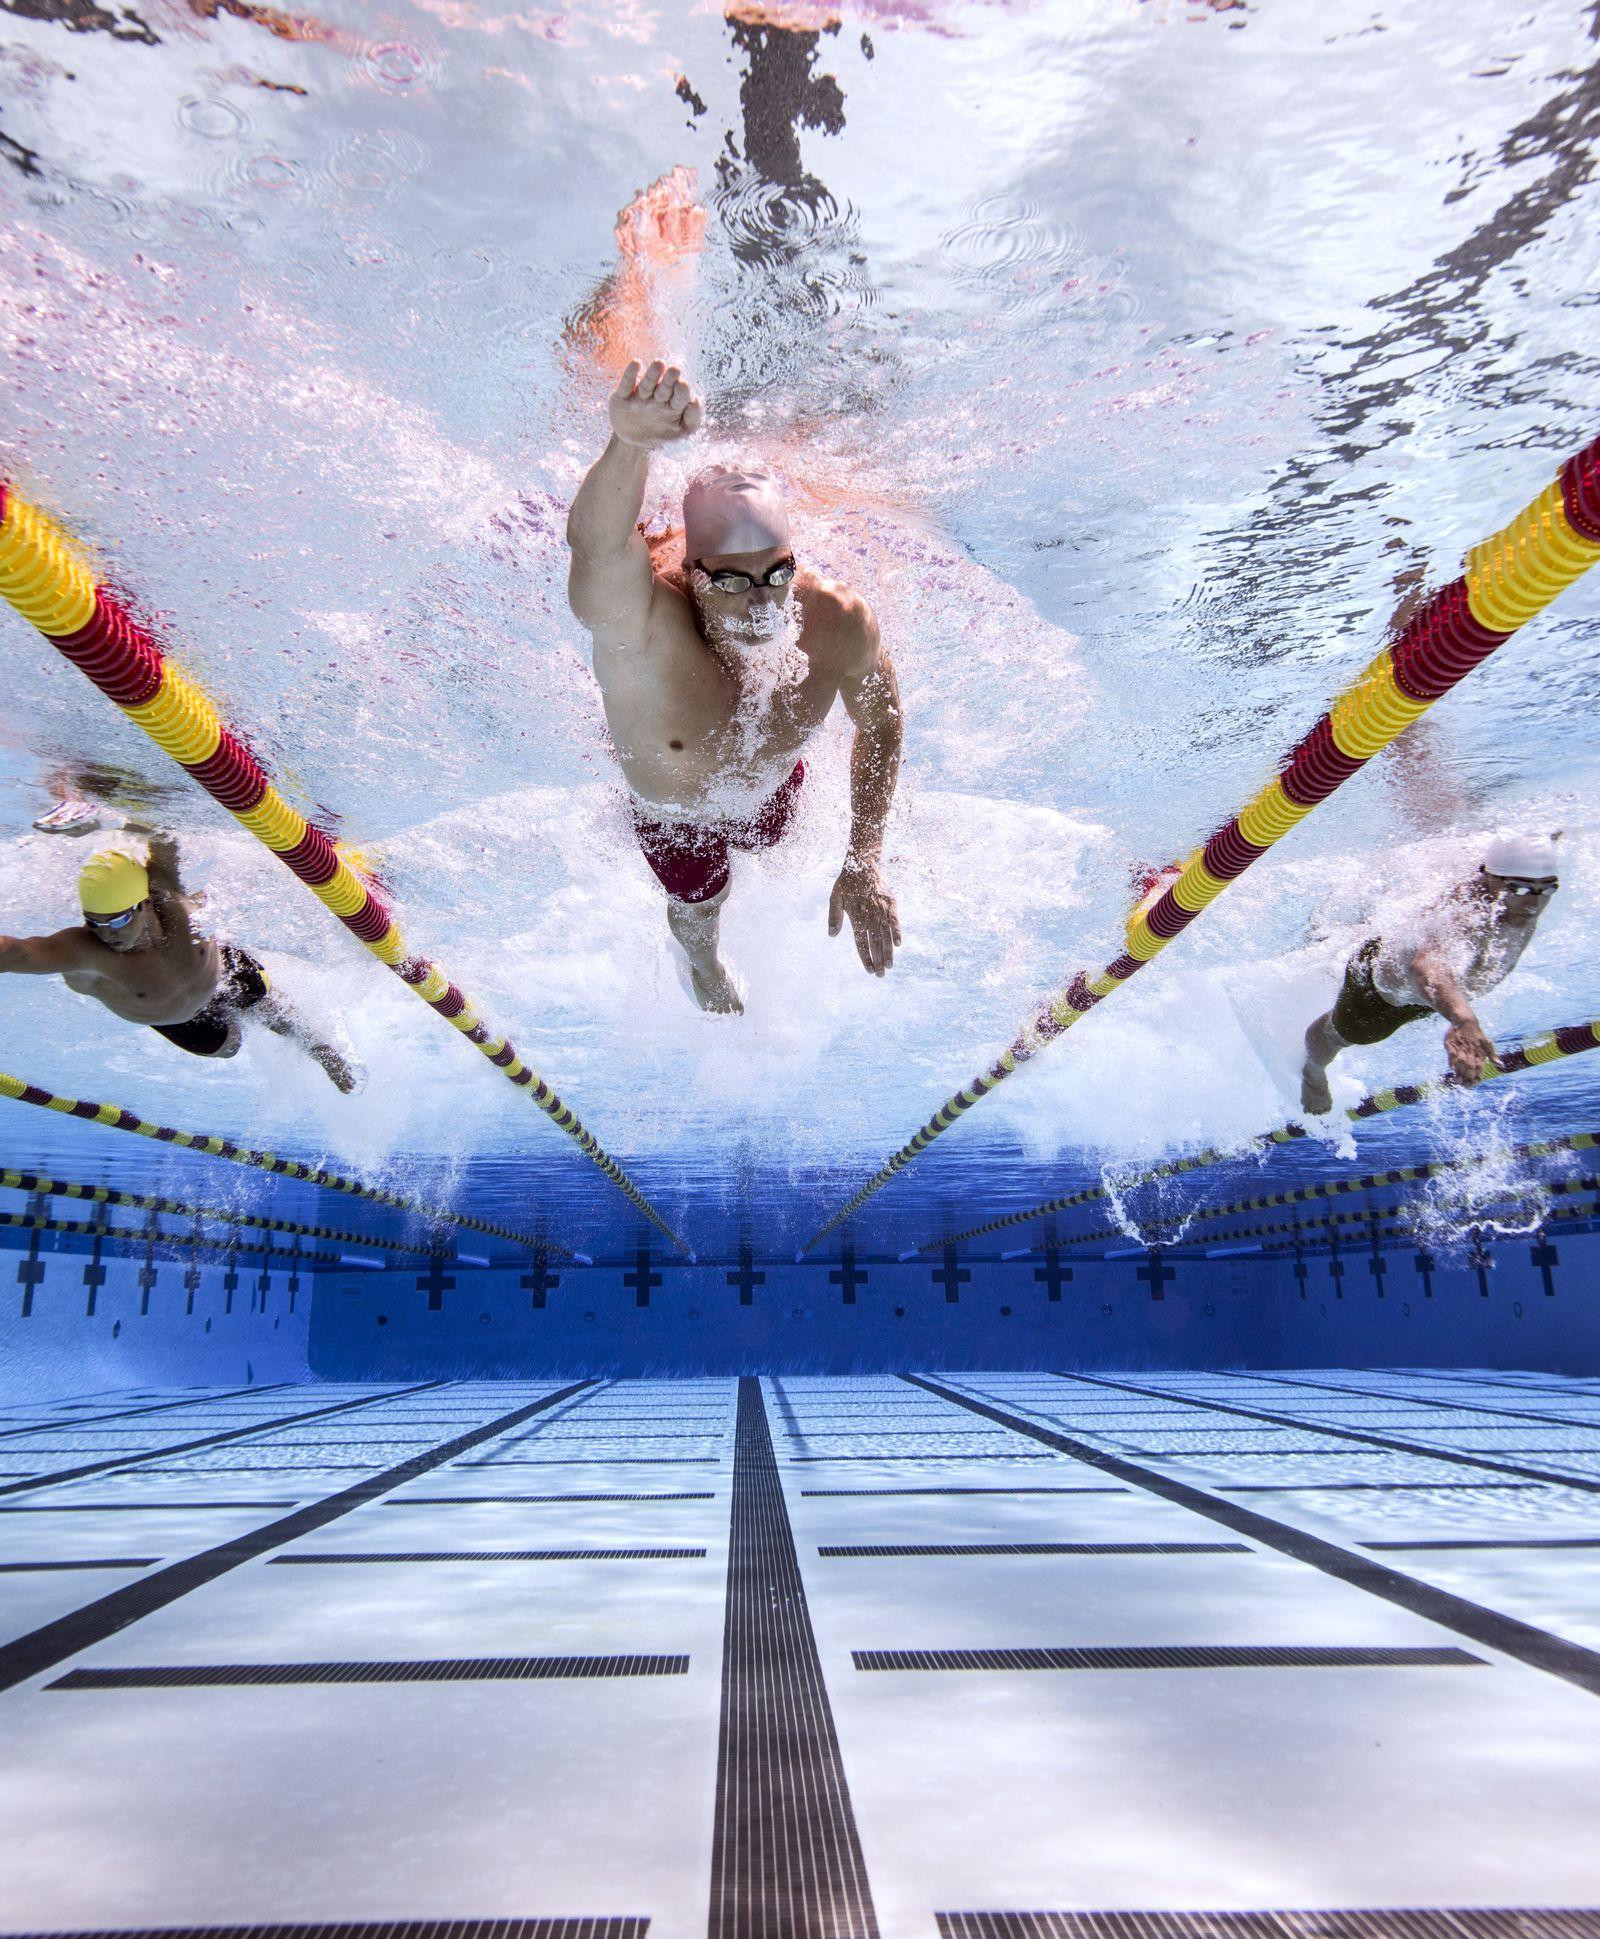 NICHT MEHR VERWENDEN! - Schwimmen / Schwimmer